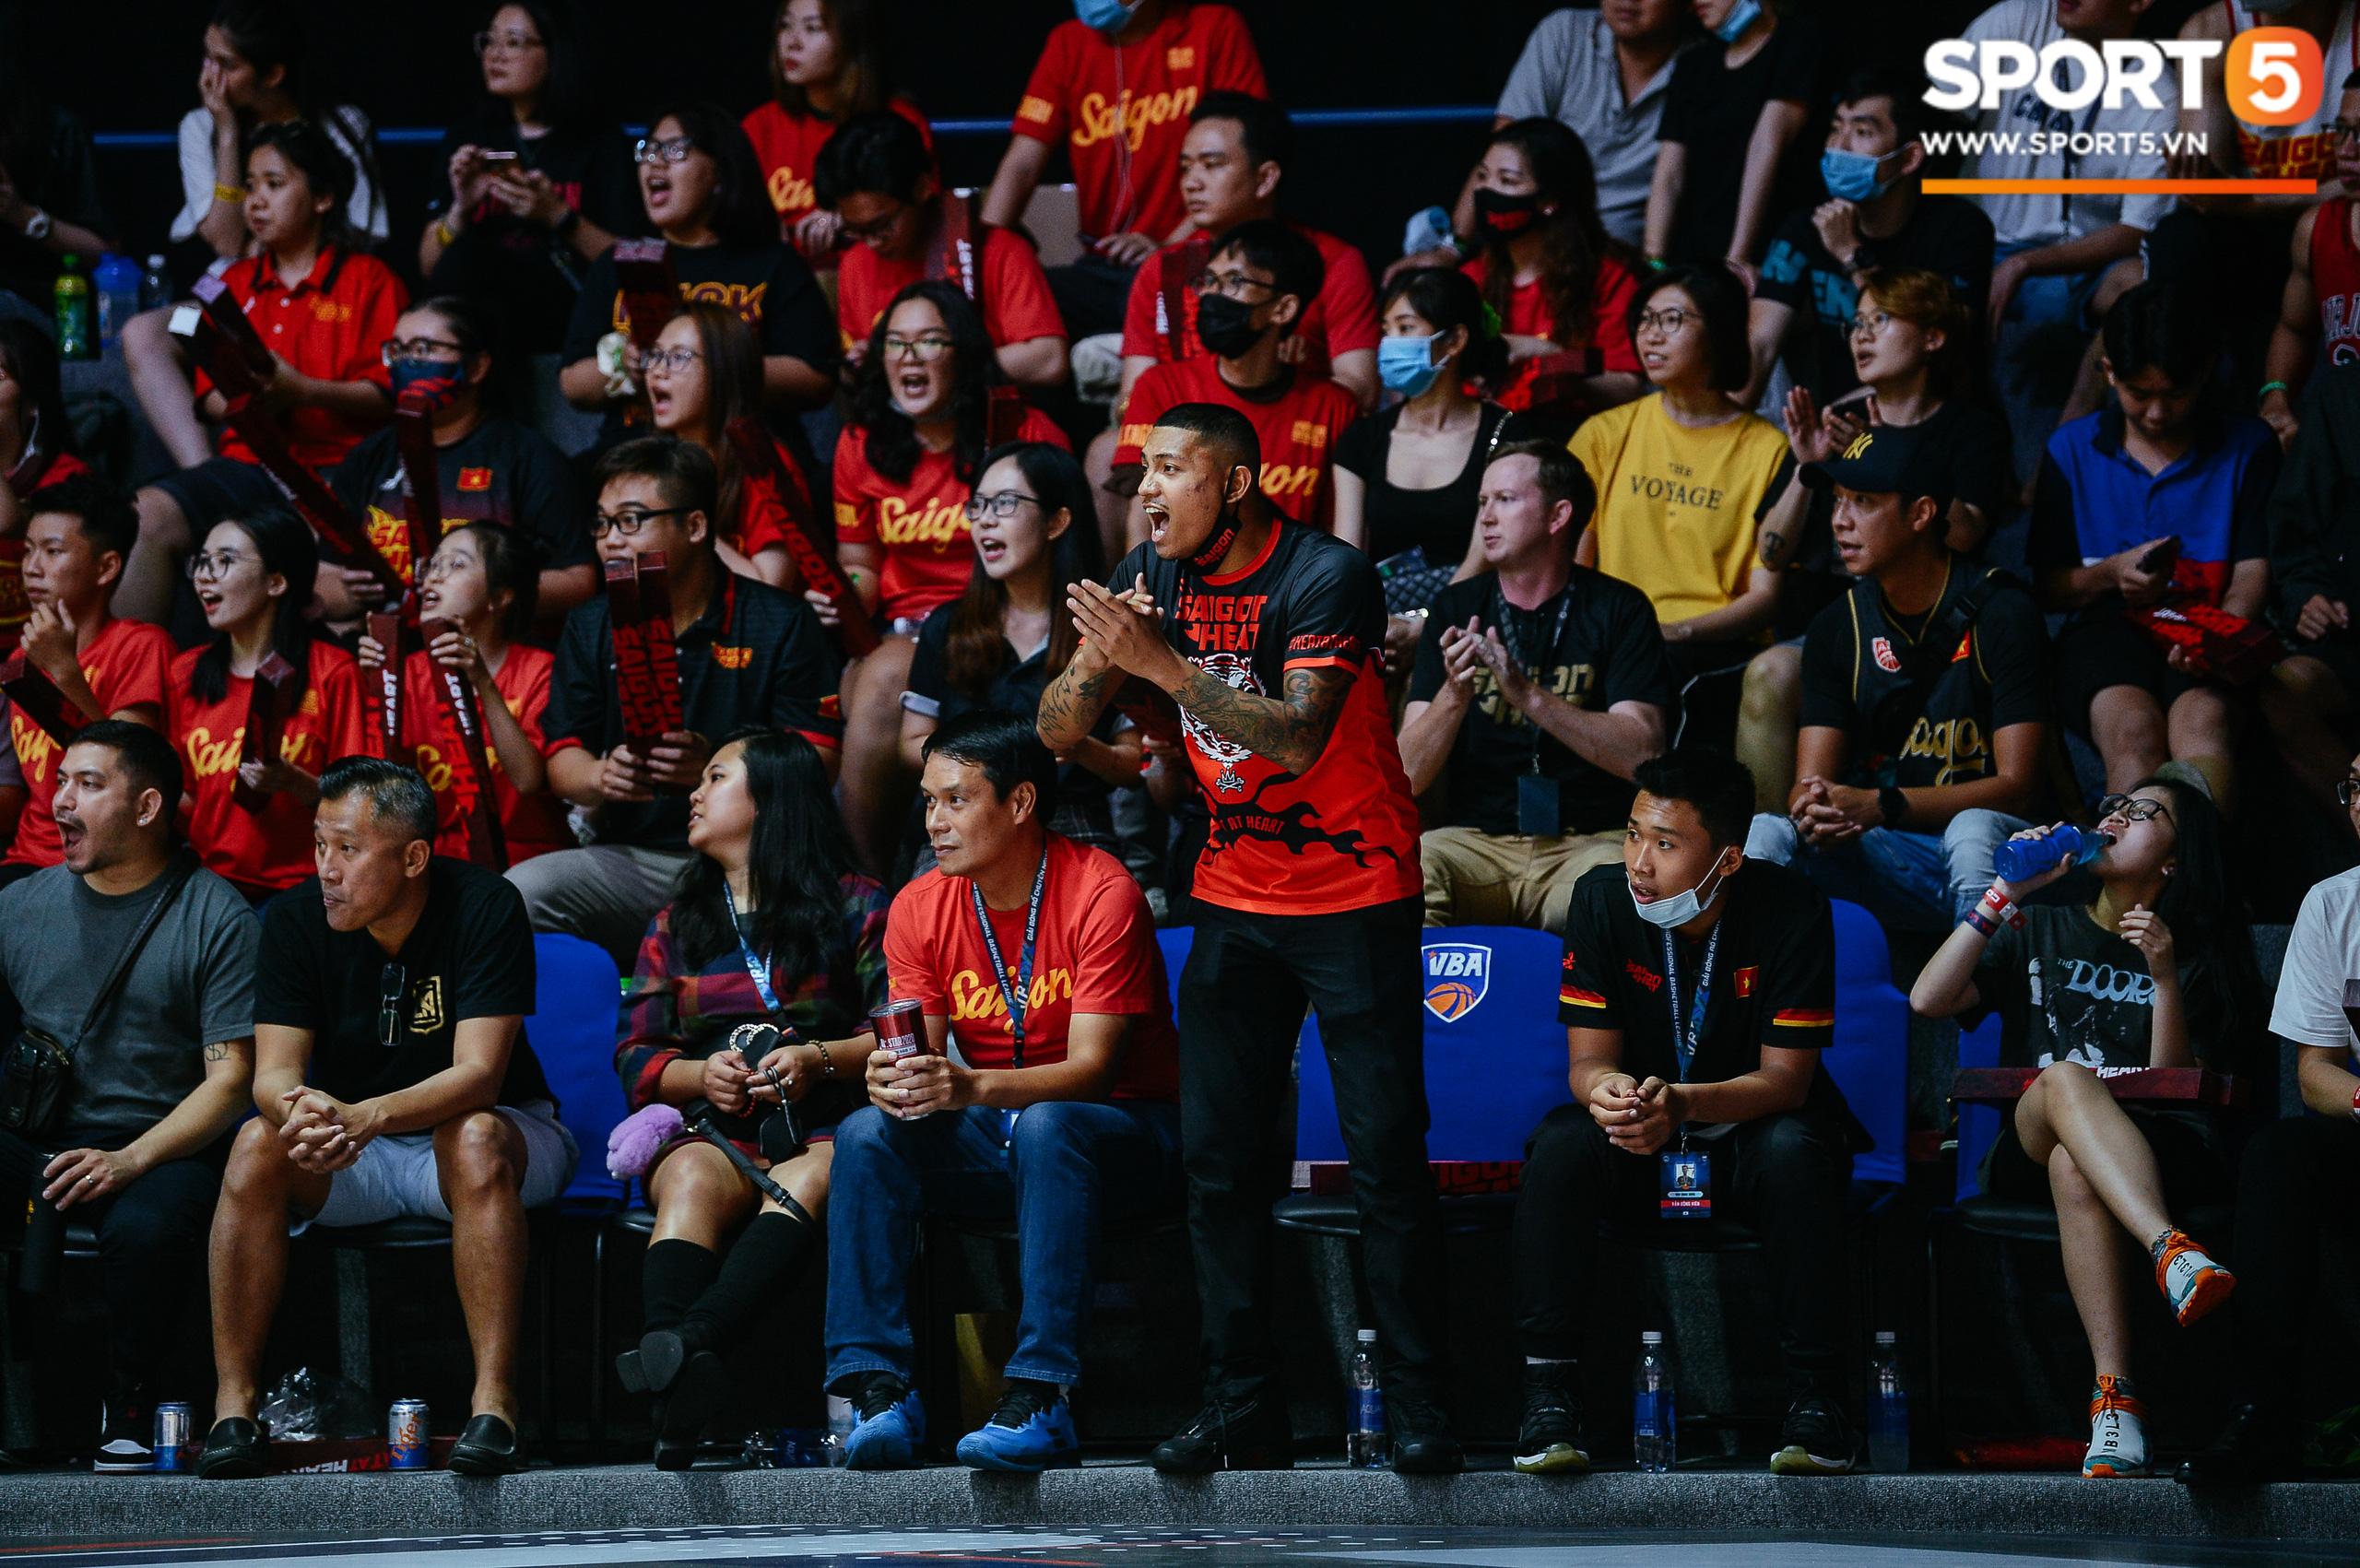 """Gặp Richard Nguyễn trước thềm bom tấn VBA 2020: """"Là một cầu thủ chuyên nghiệp, tôi luôn sẵn sàng khi được trao cơ hội"""" - Ảnh 3."""